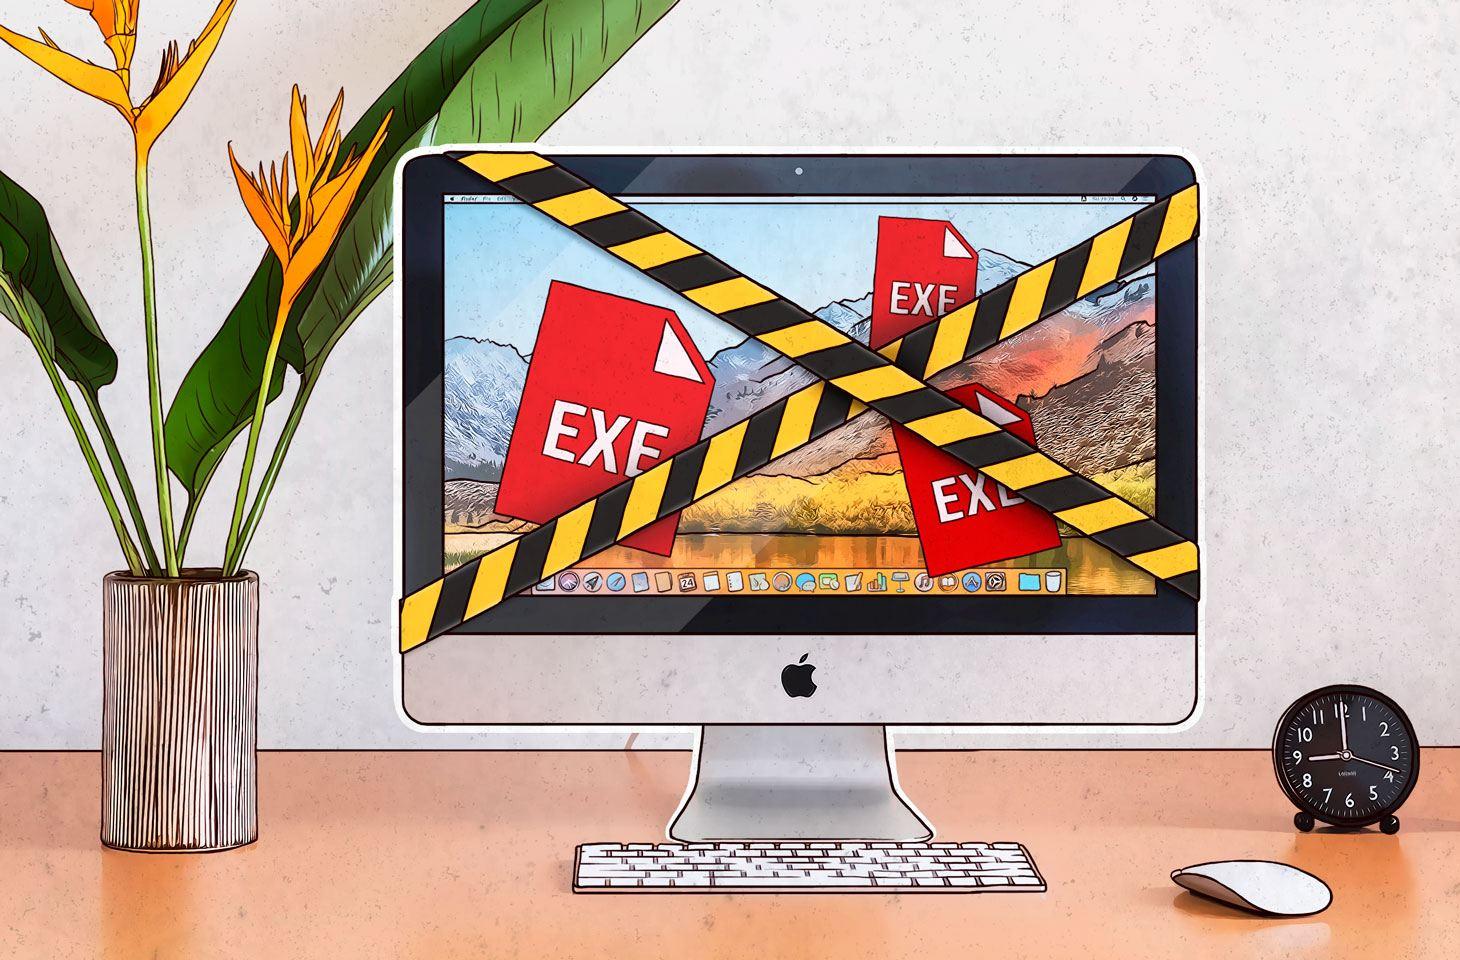 Los archivos EXE pueden suponer un riesgo no solo en Windows, sino también en macOS